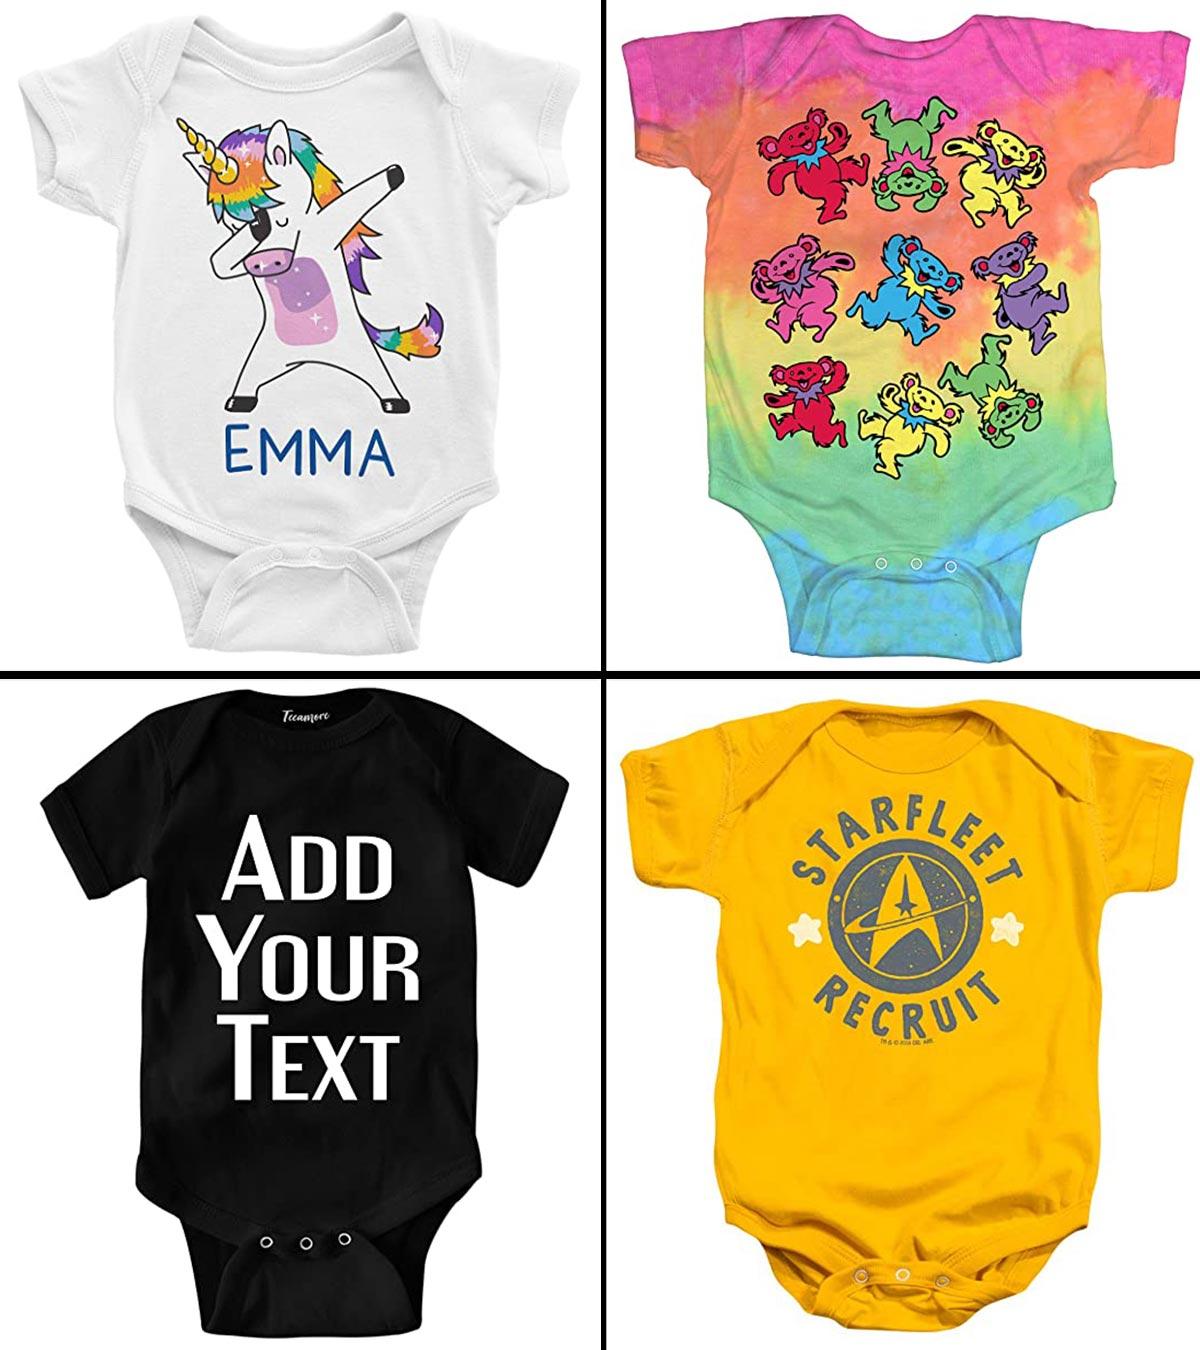 6 Best Baby Onesies In 6